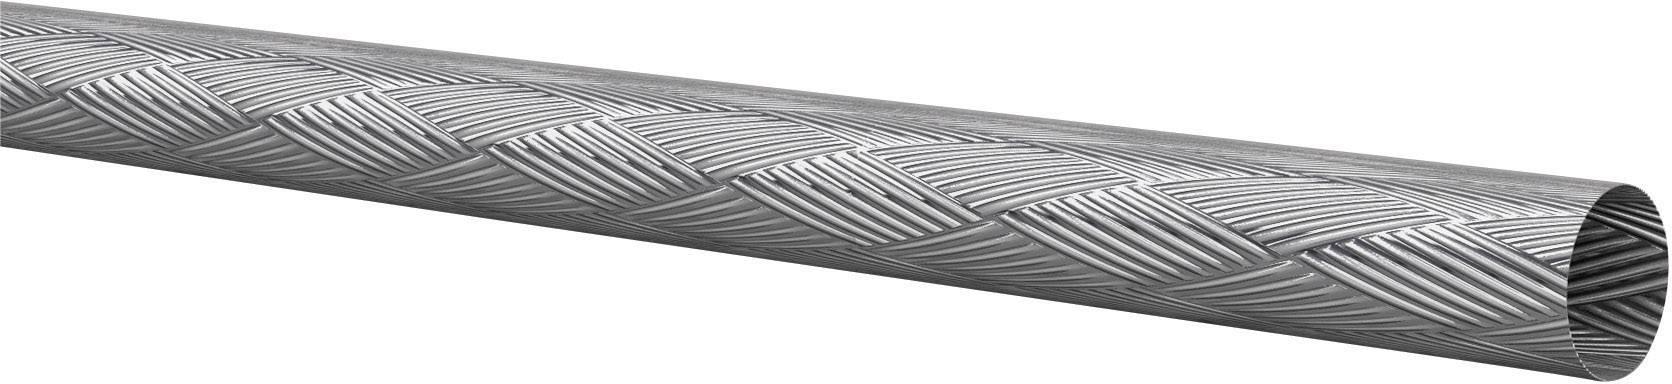 Copper braid, tinned 201670100 Kabeltronik Množství: metrové zboží